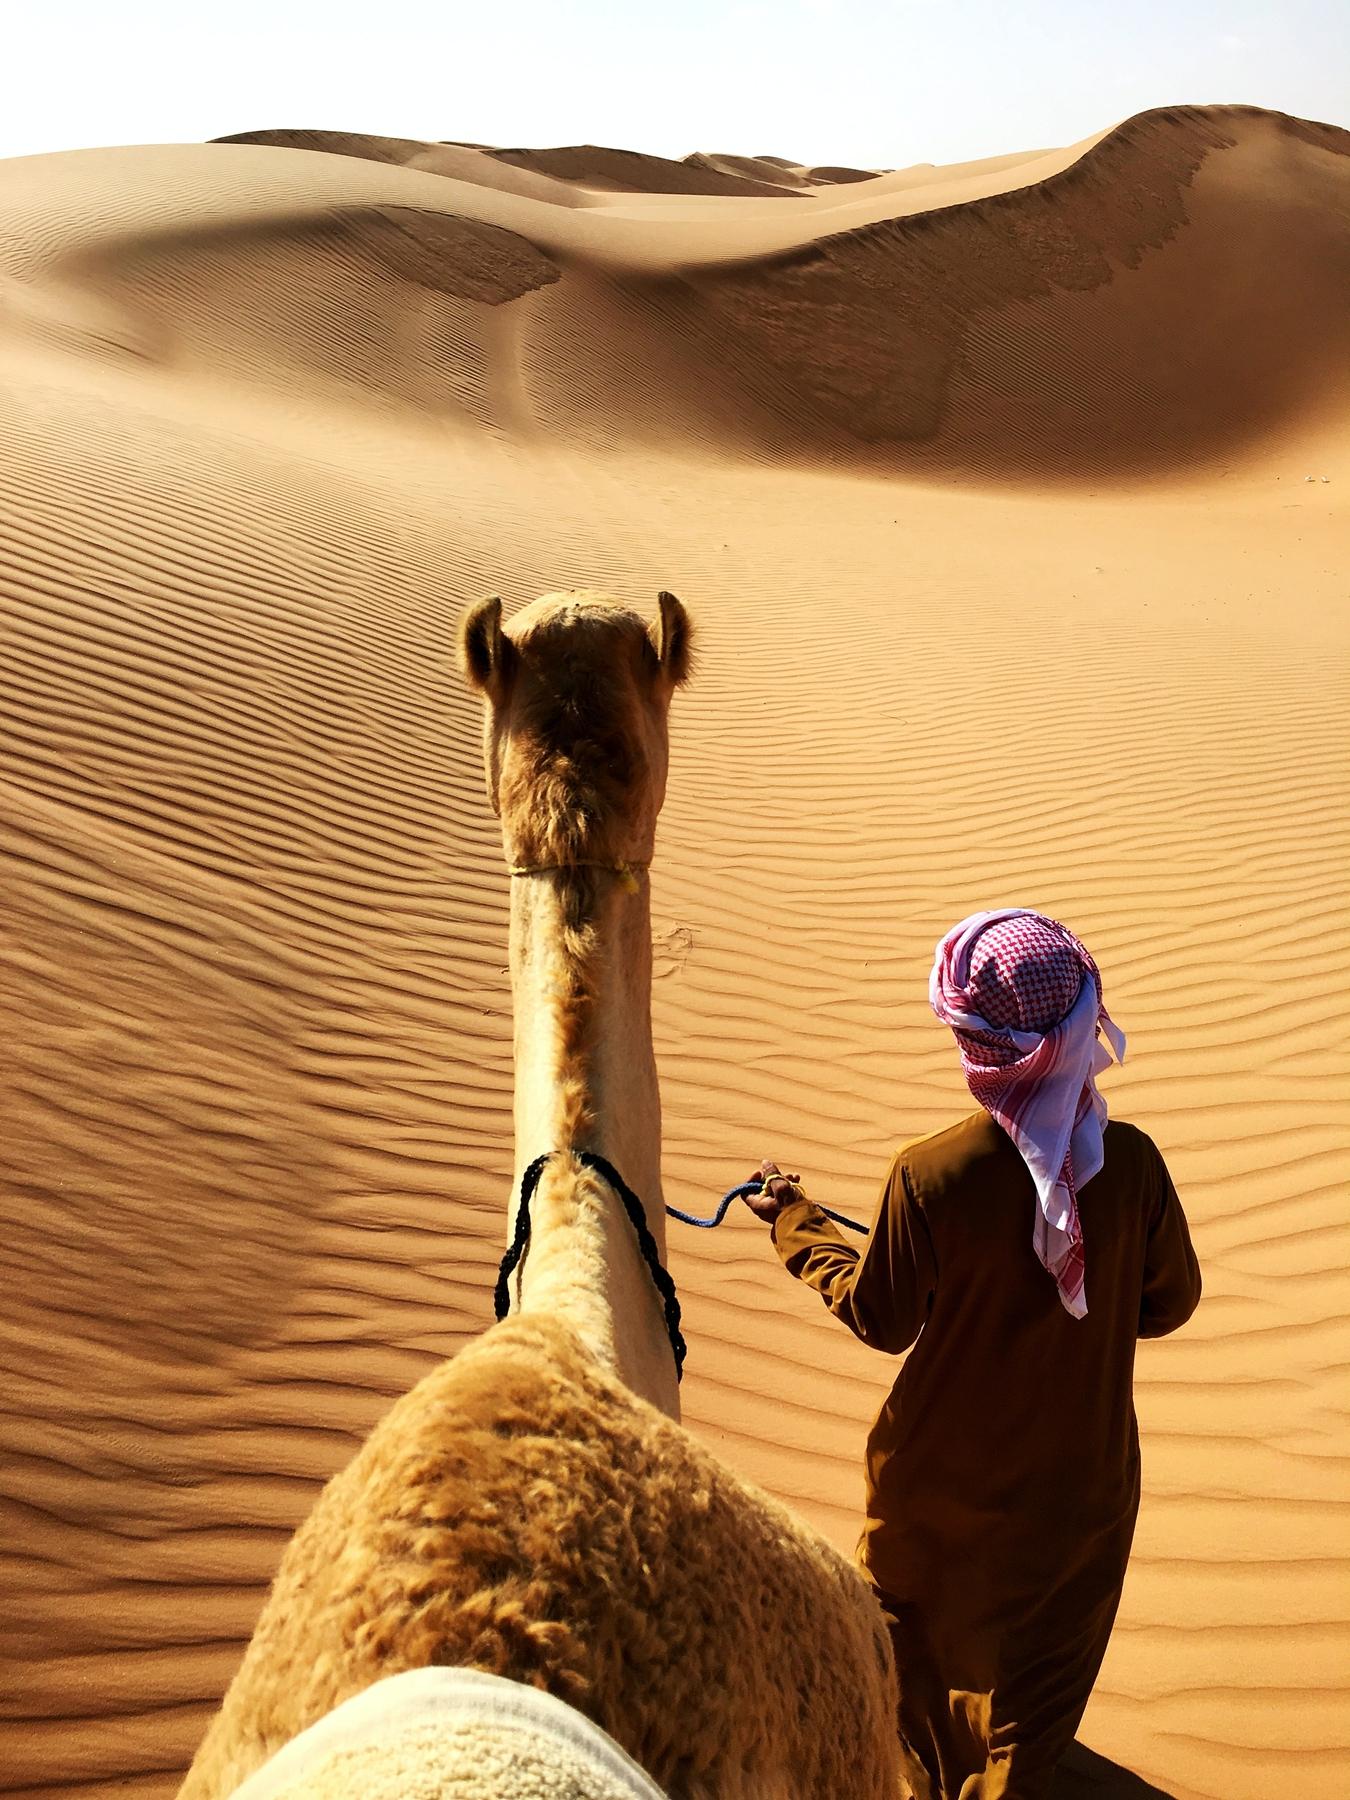 Самые неожиданные направления для поездок: купить билеты в Оман